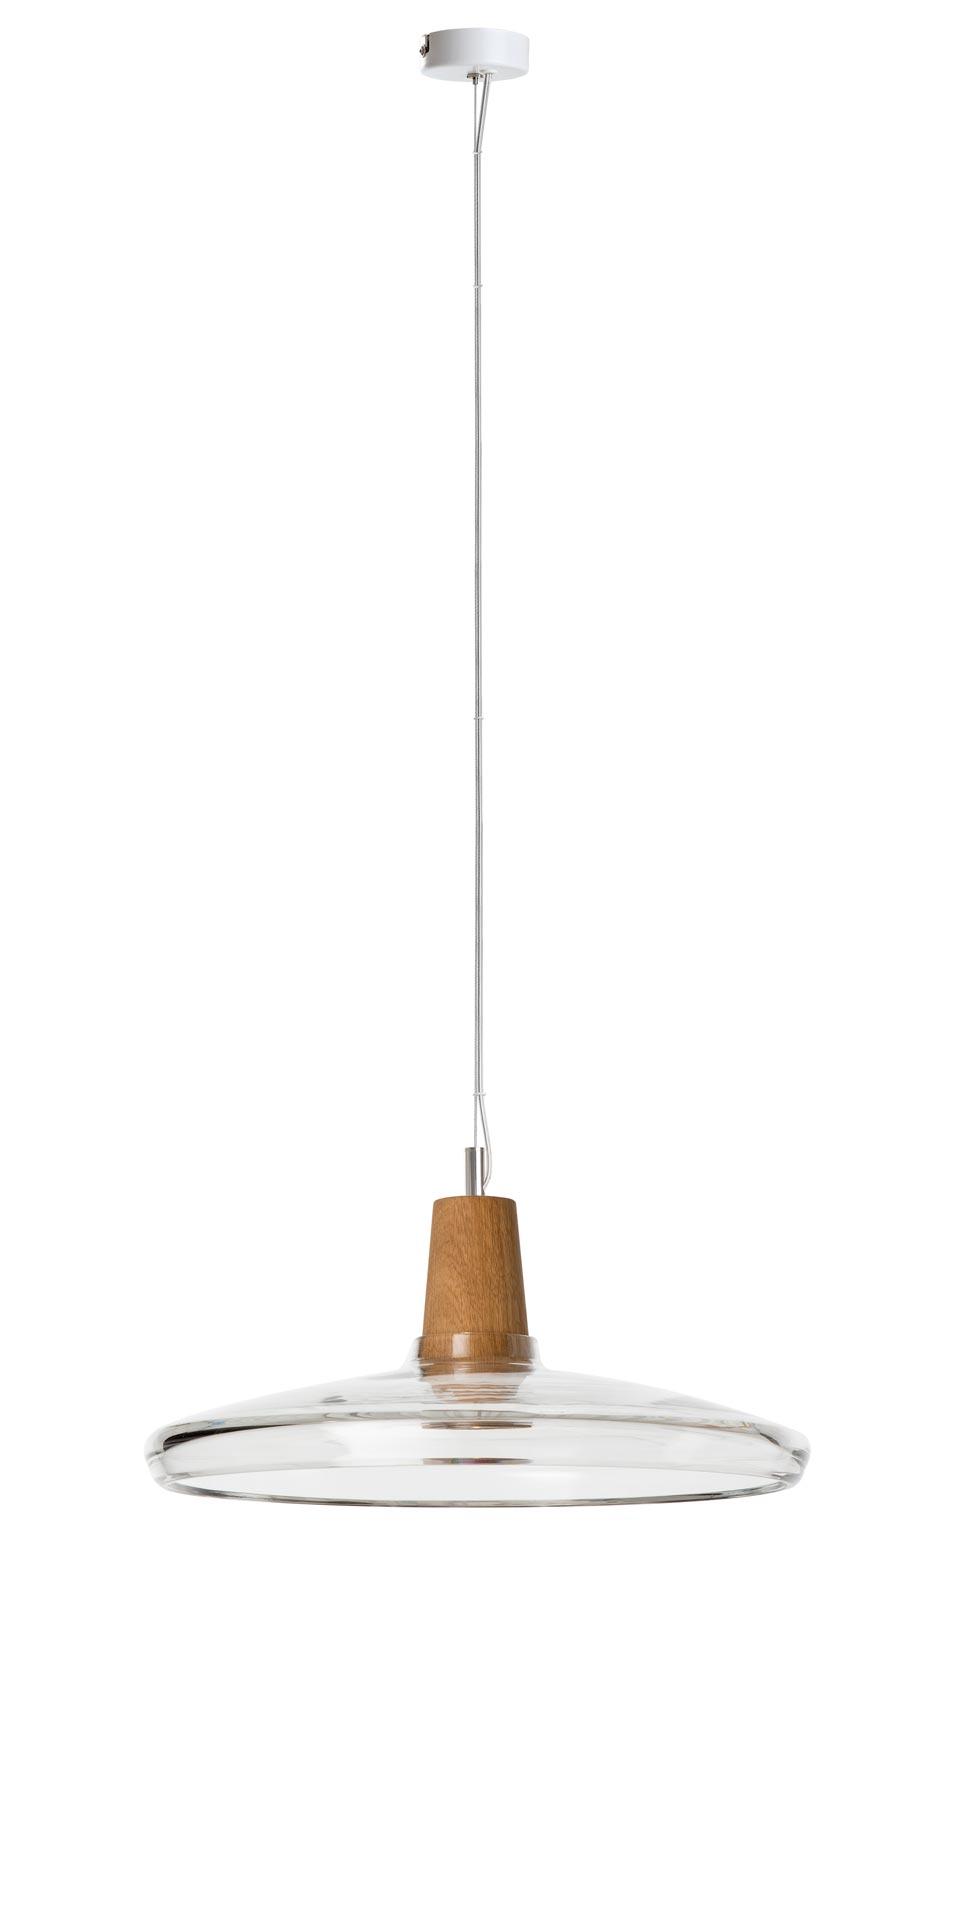 industrial suspension abat jour large en verre anthracite dreizehngrad made in germany. Black Bedroom Furniture Sets. Home Design Ideas